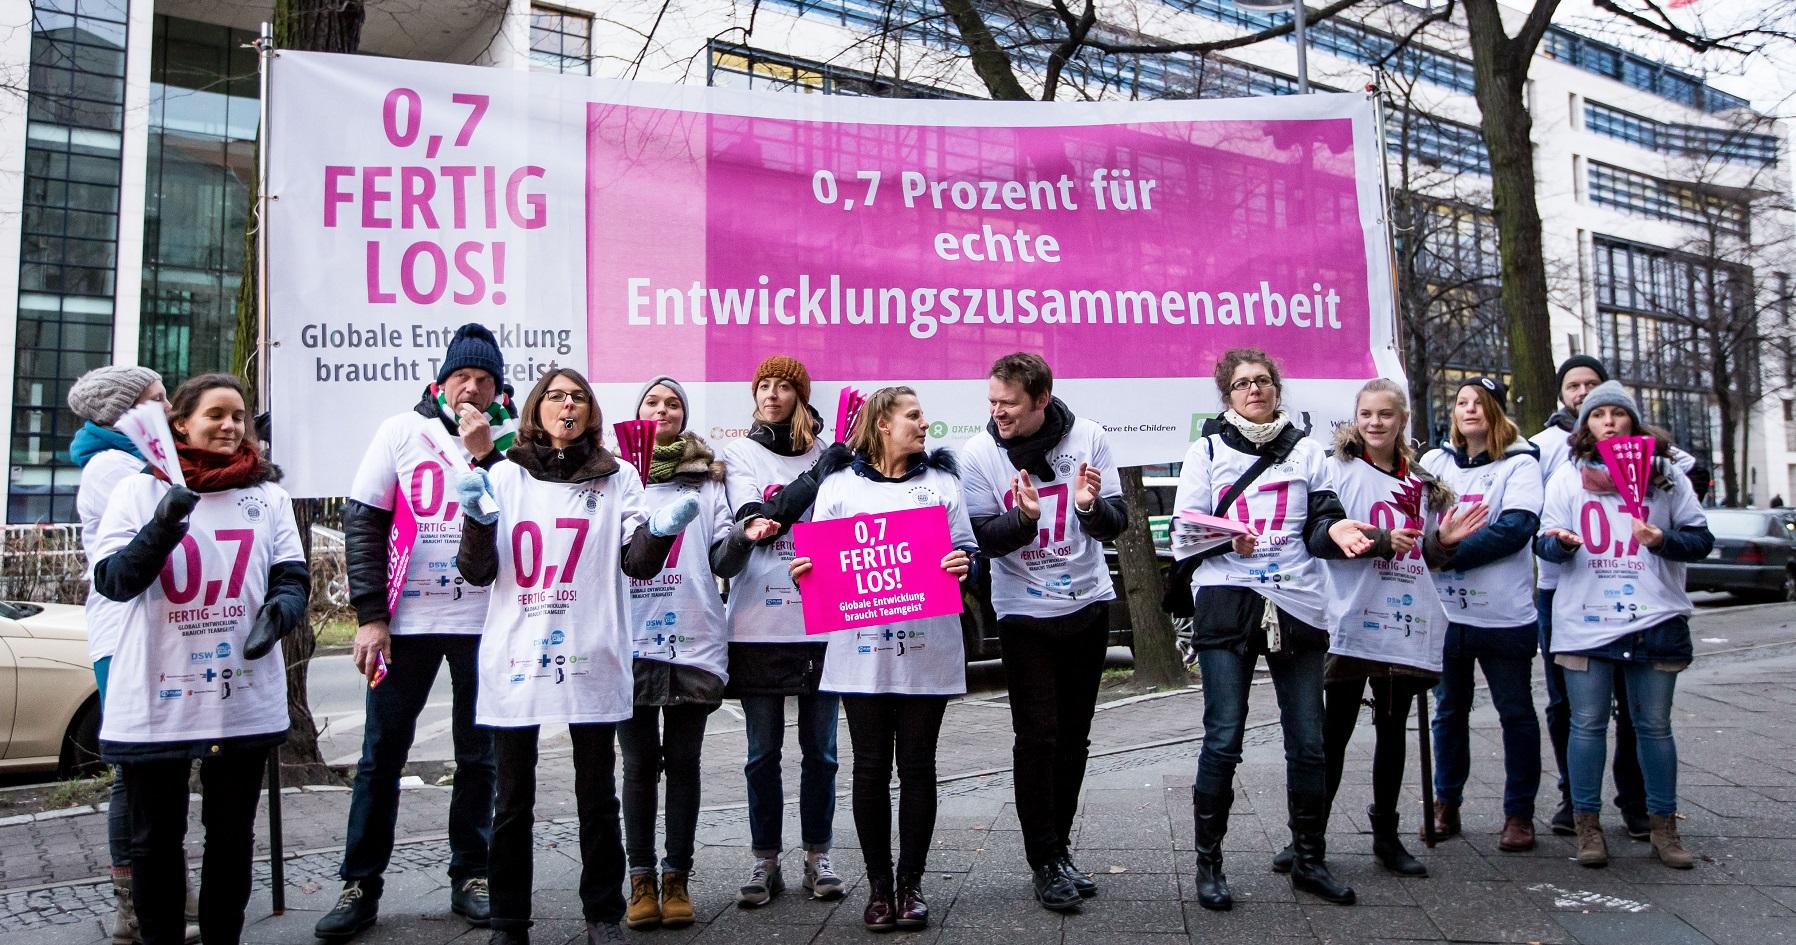 Deutschland verfehlt 0,7-Prozent-Ziel bei Entwicklungsfinanzierung